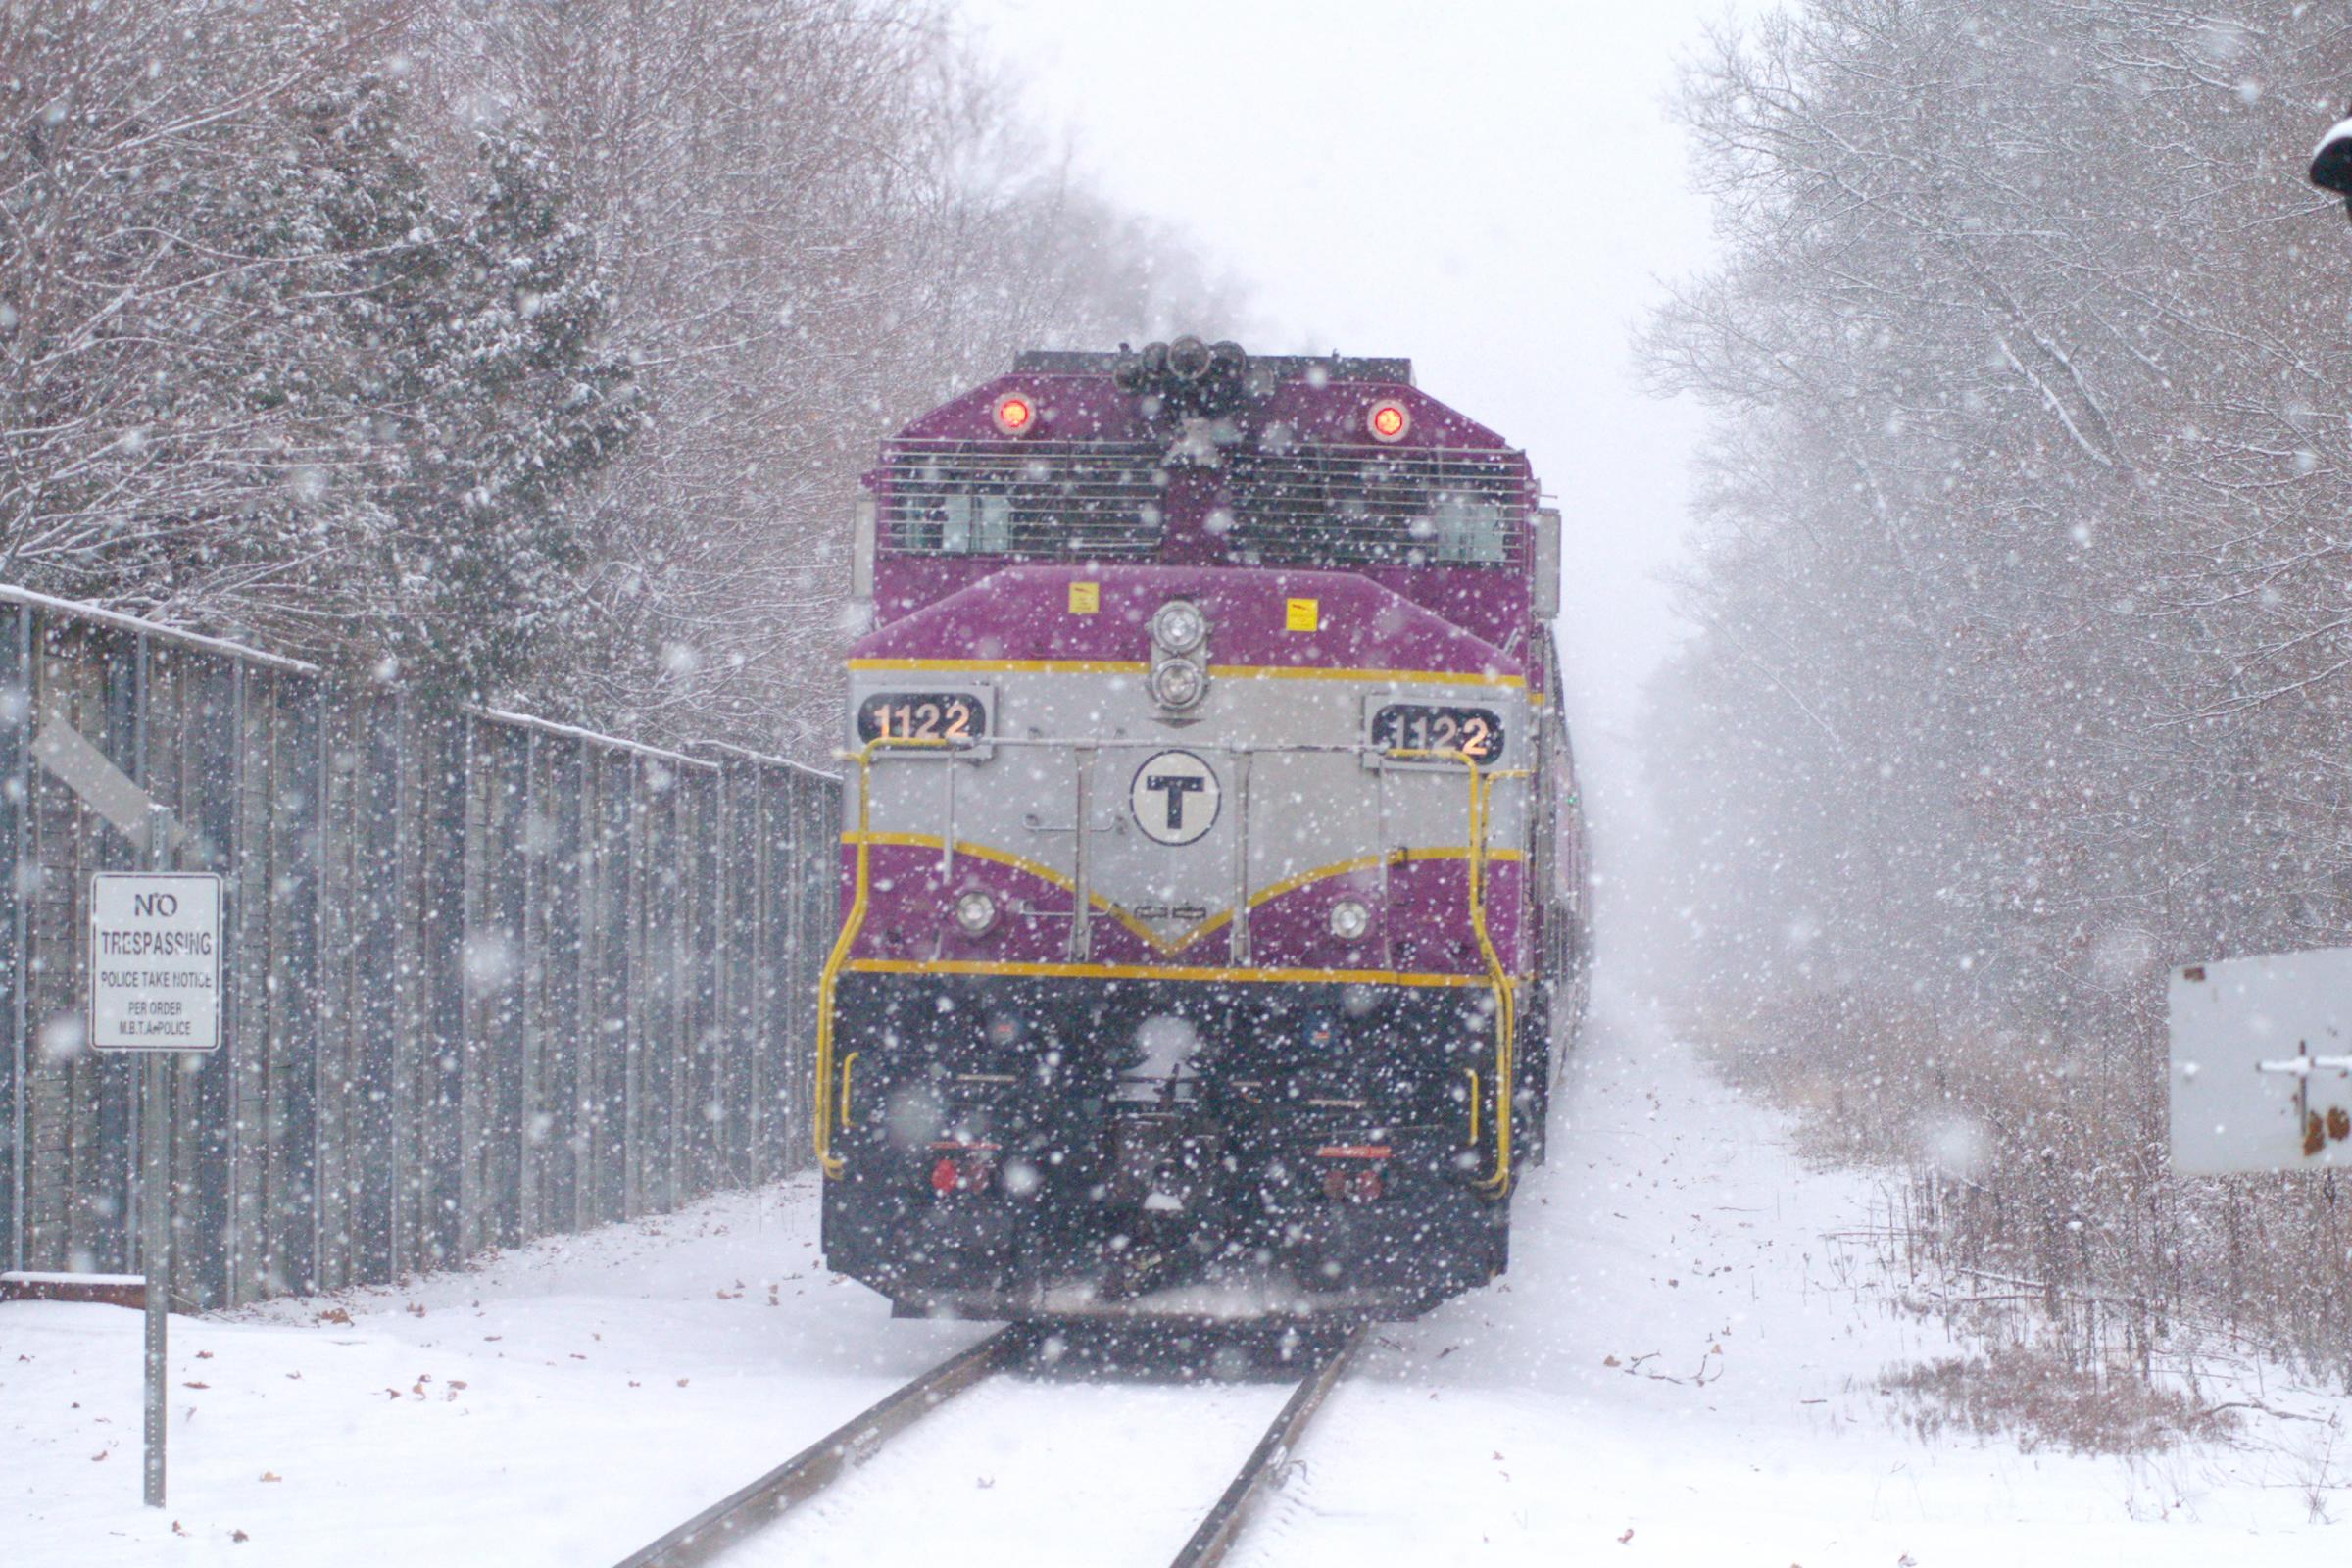 Snowstorm shot of MBTA unit